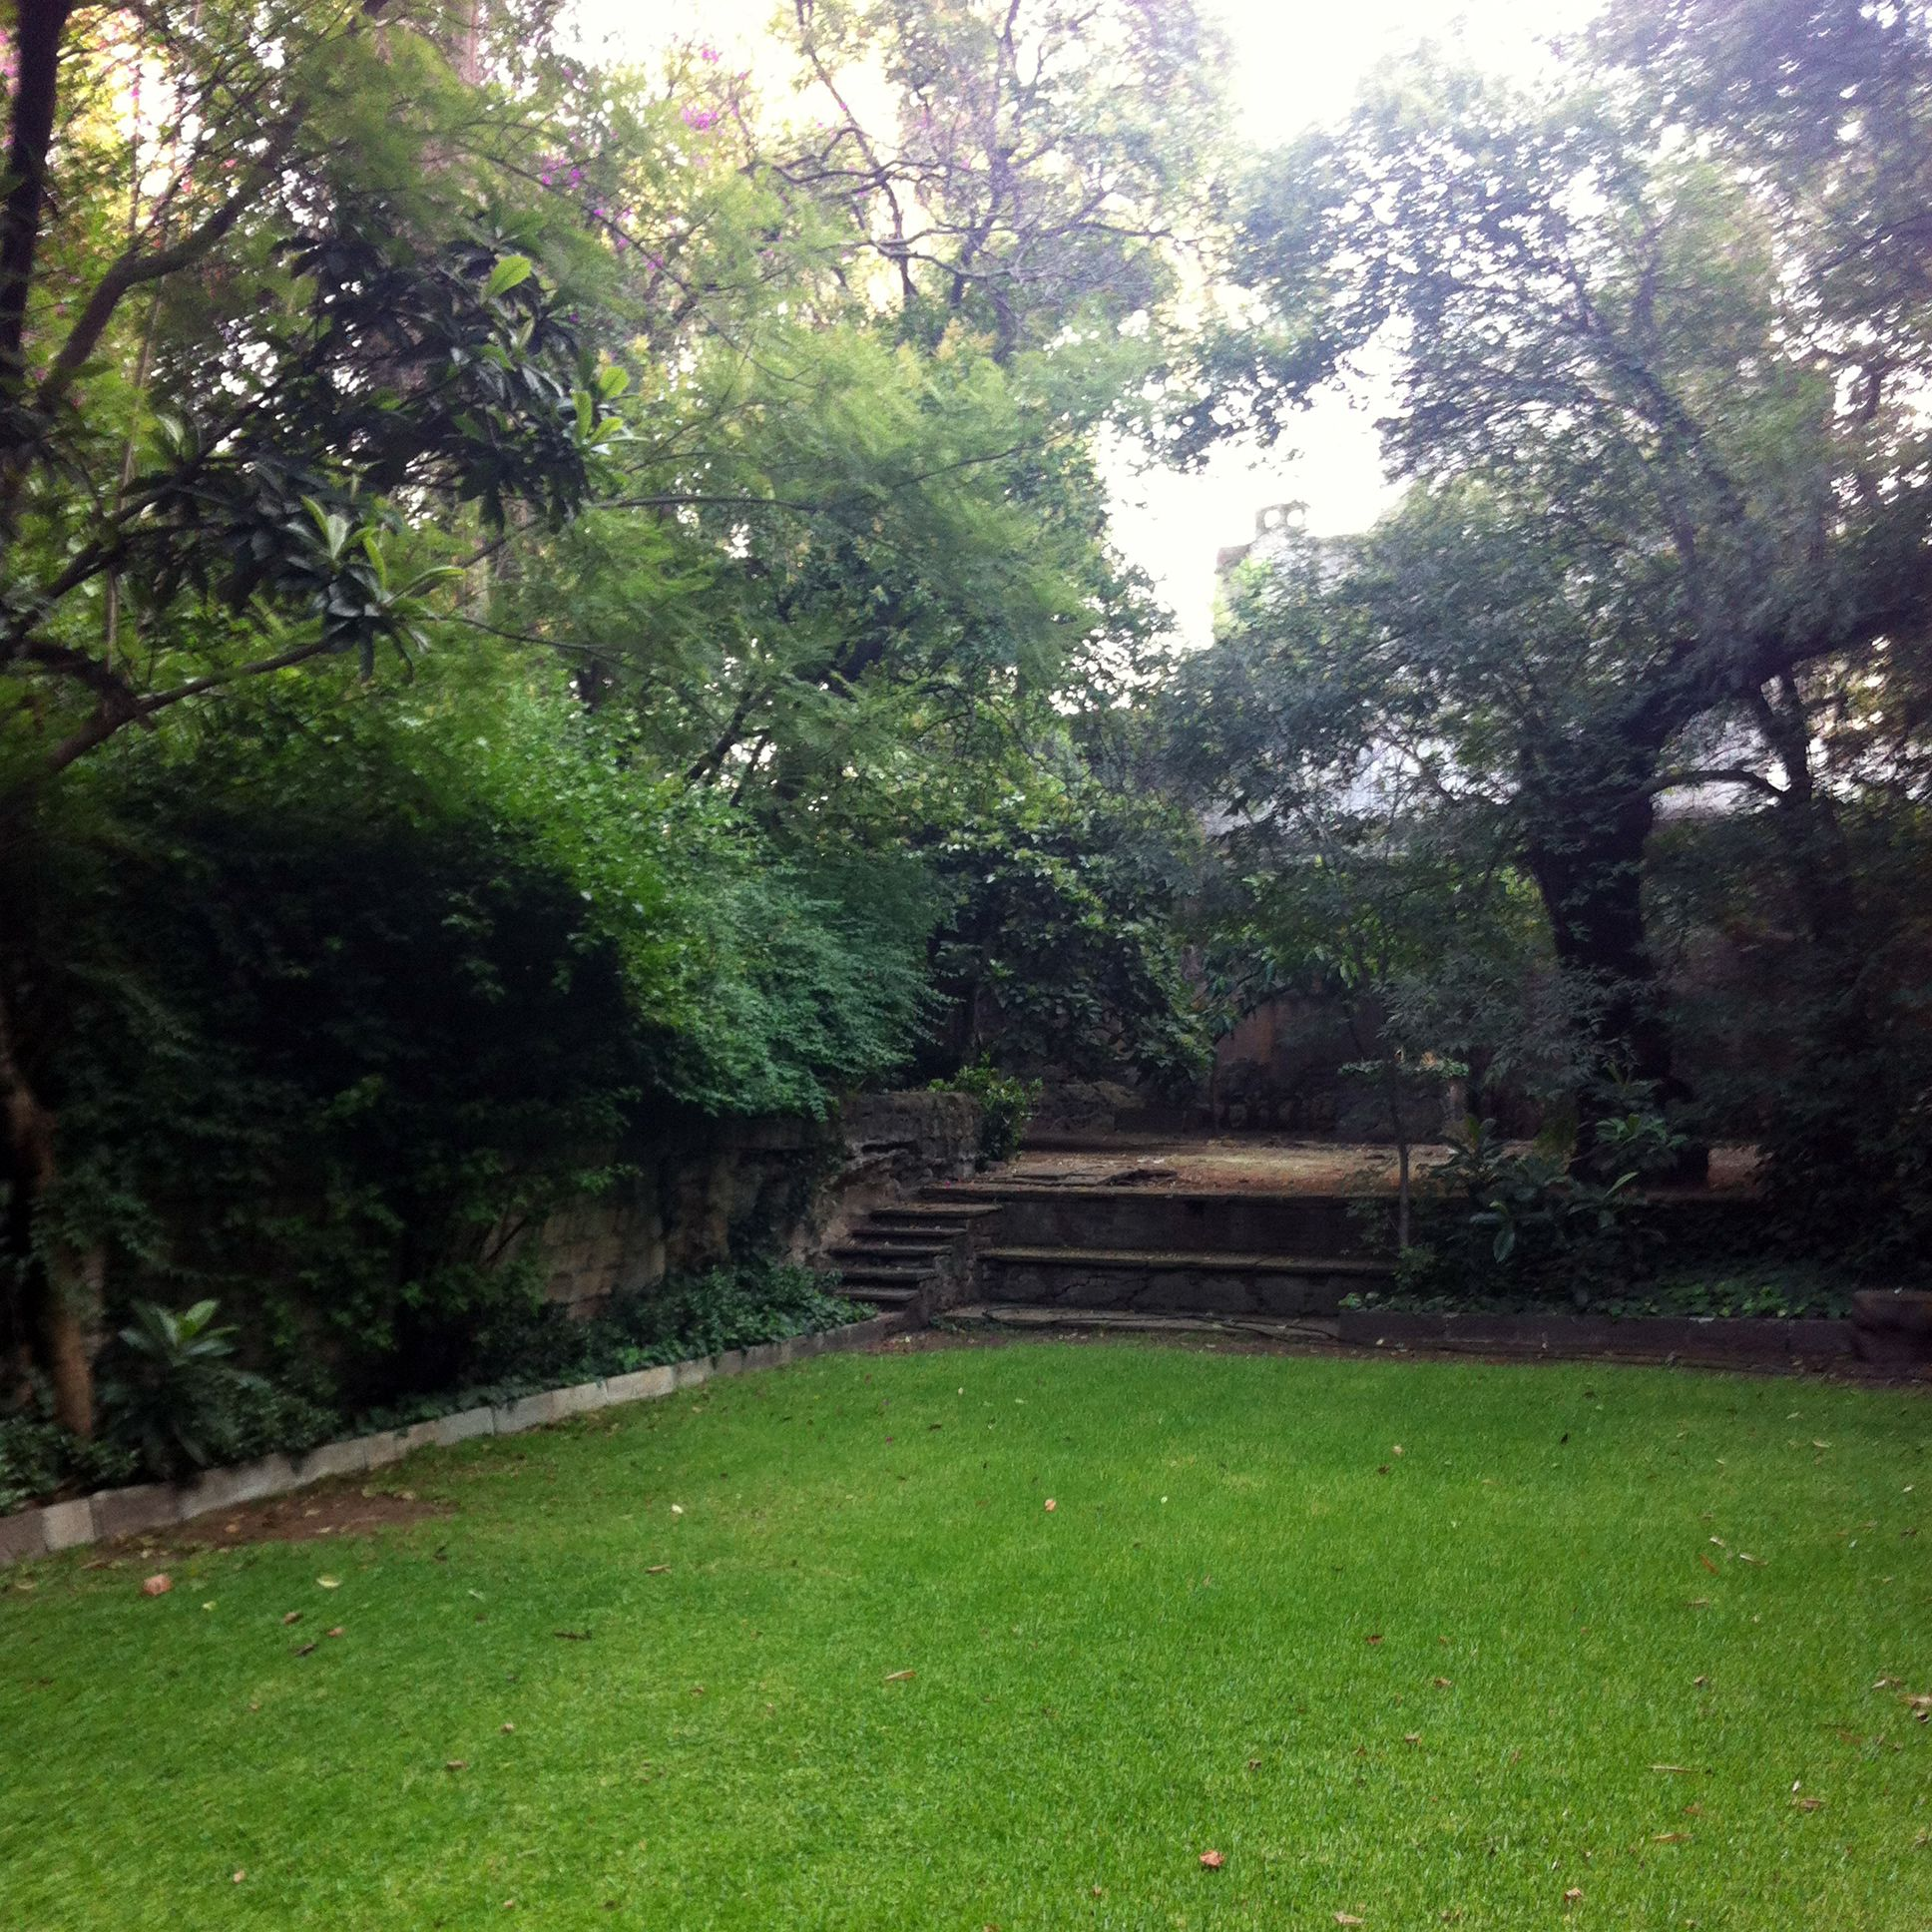 Jardines casa ortega residencia de luis barrag n for Ver jardines pequenos de casas